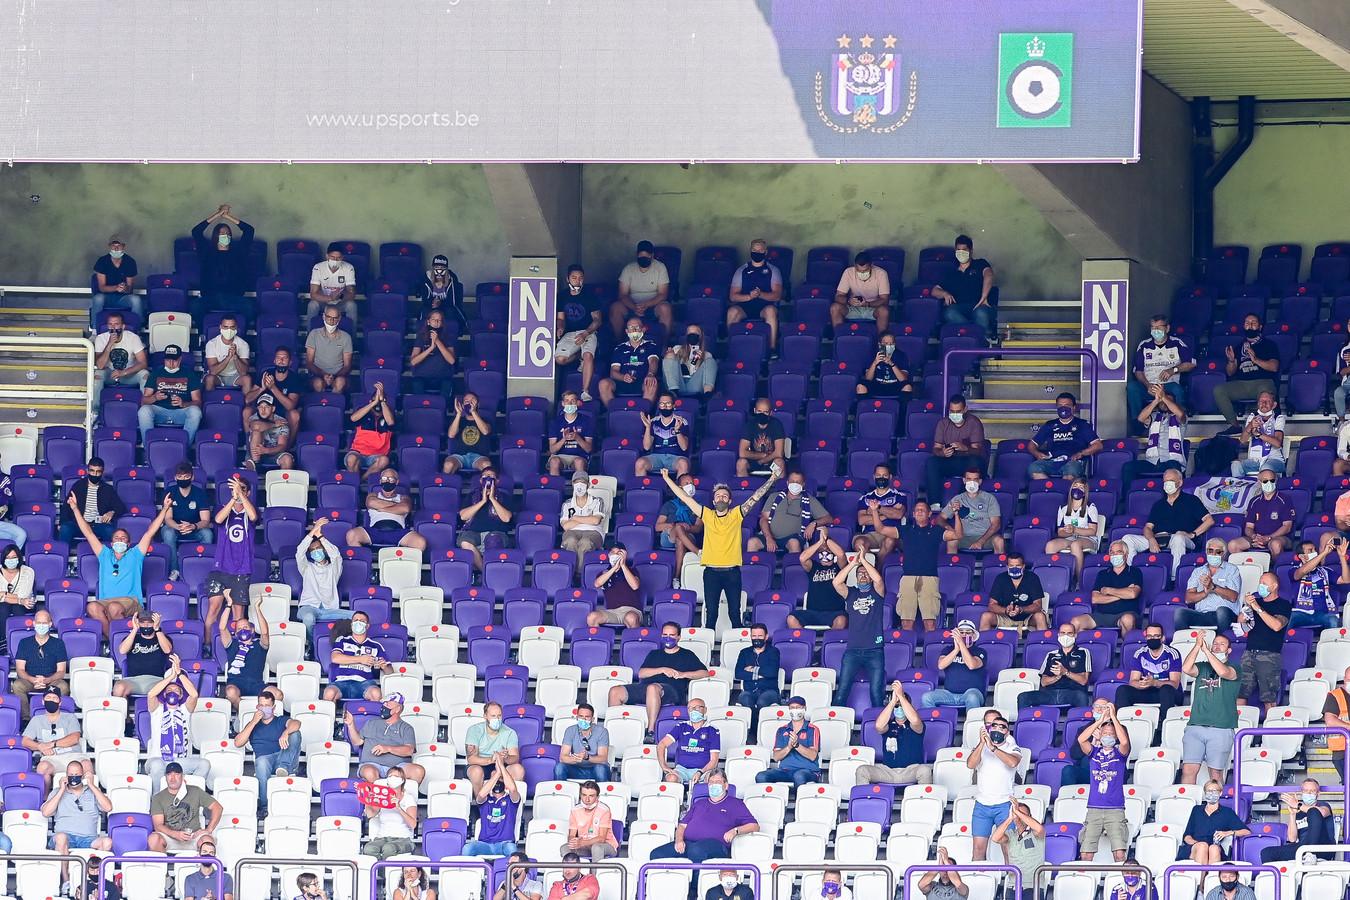 Zien we dit seizoen nog supporters op de tribunes van het Lotto Park?